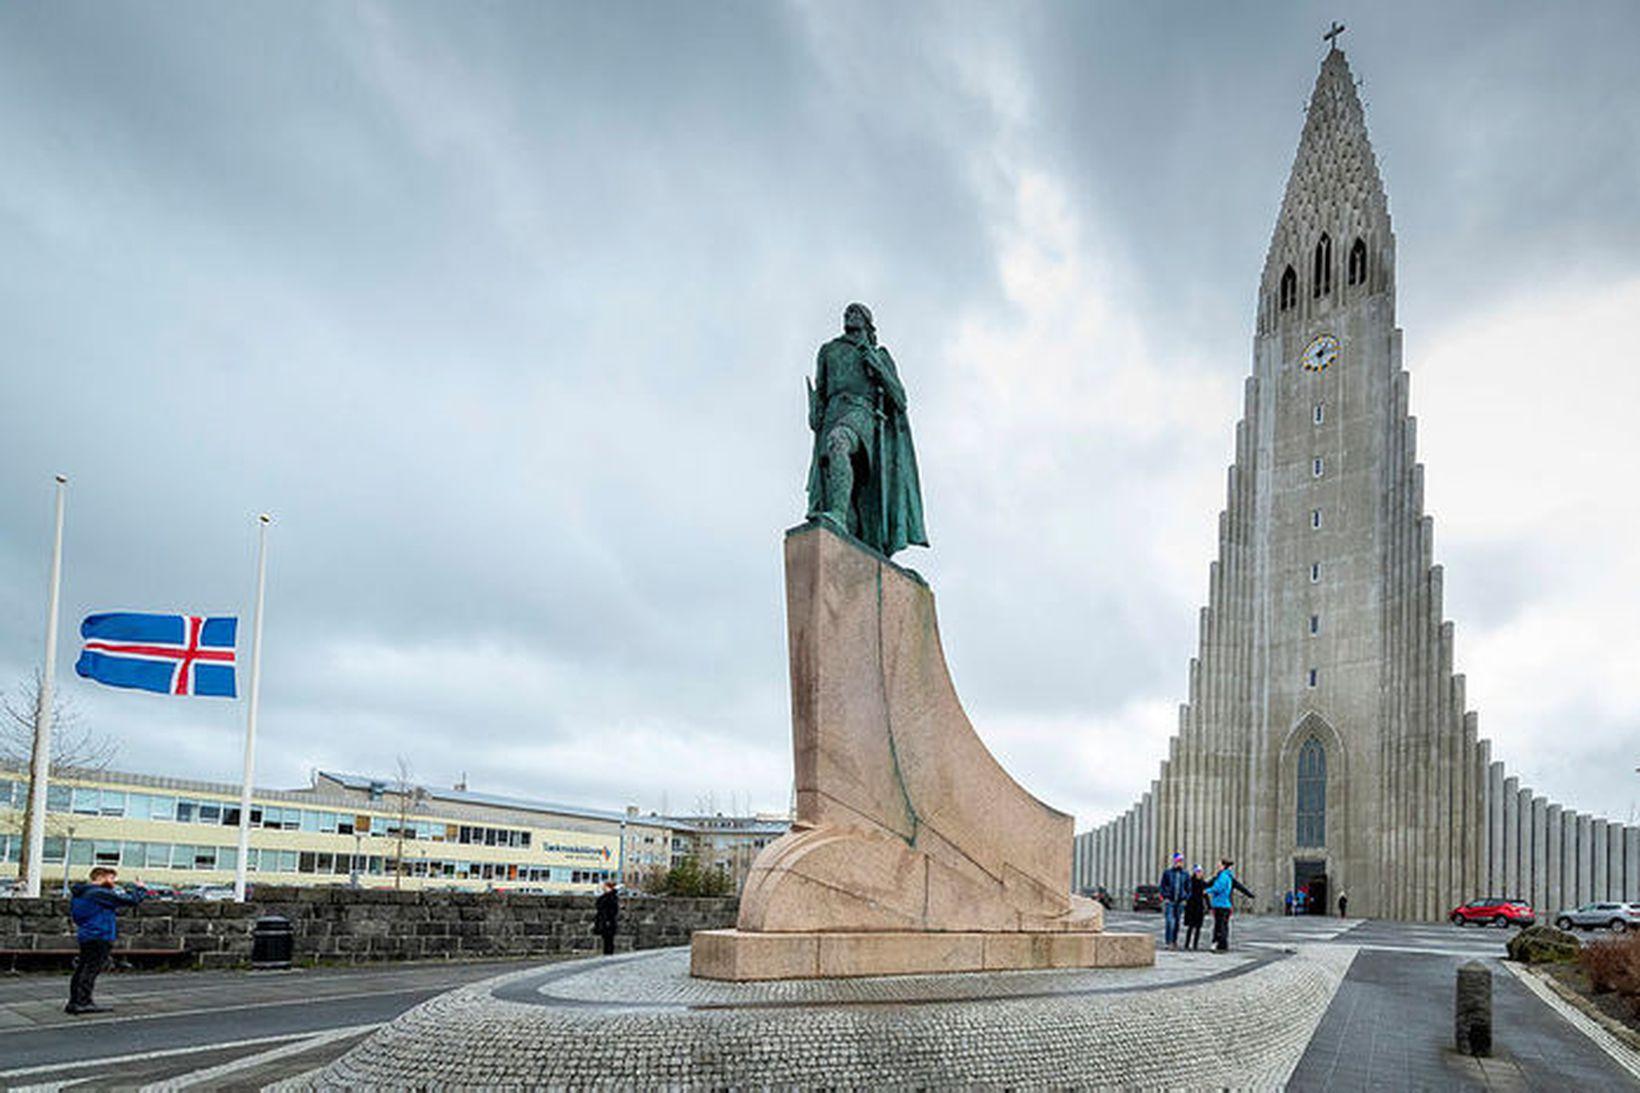 Aðstæður í hverju landi fyrir sig voru metnar með tilliti …